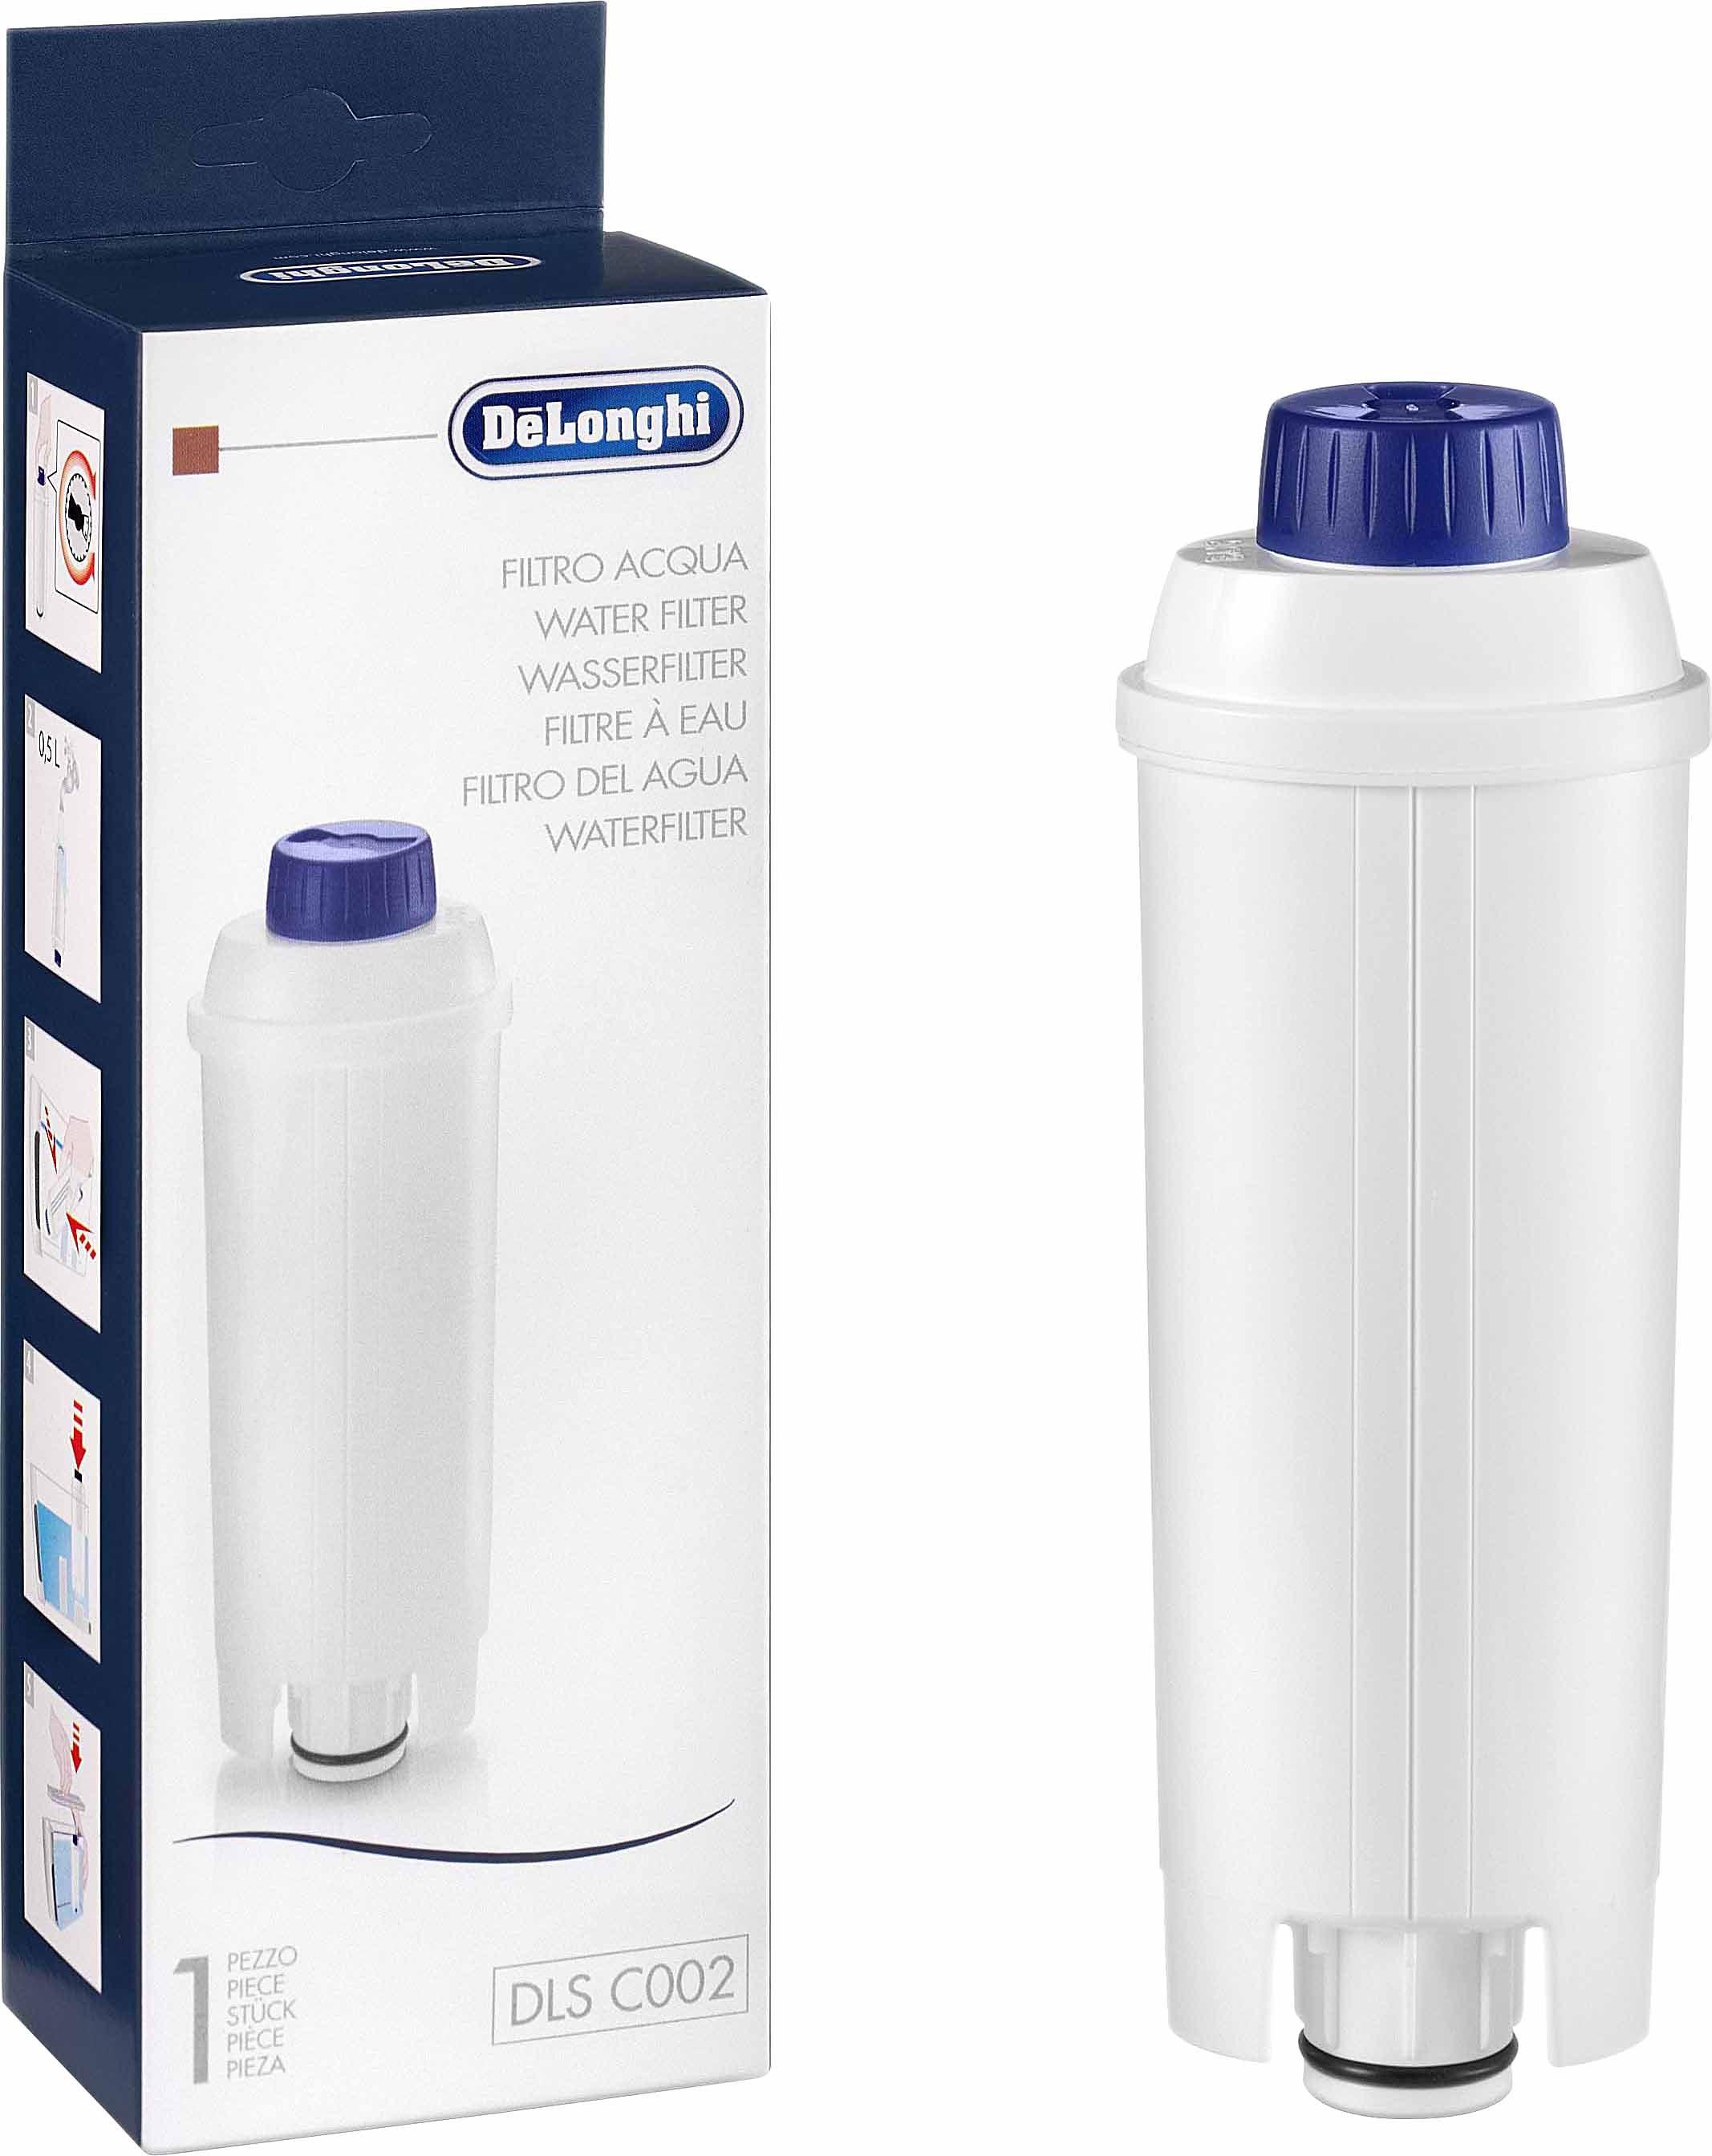 De'Longhi Wasserfilter DLSC002 | Küche und Esszimmer > Küchengeräte > Wasserfilter | Delonghi